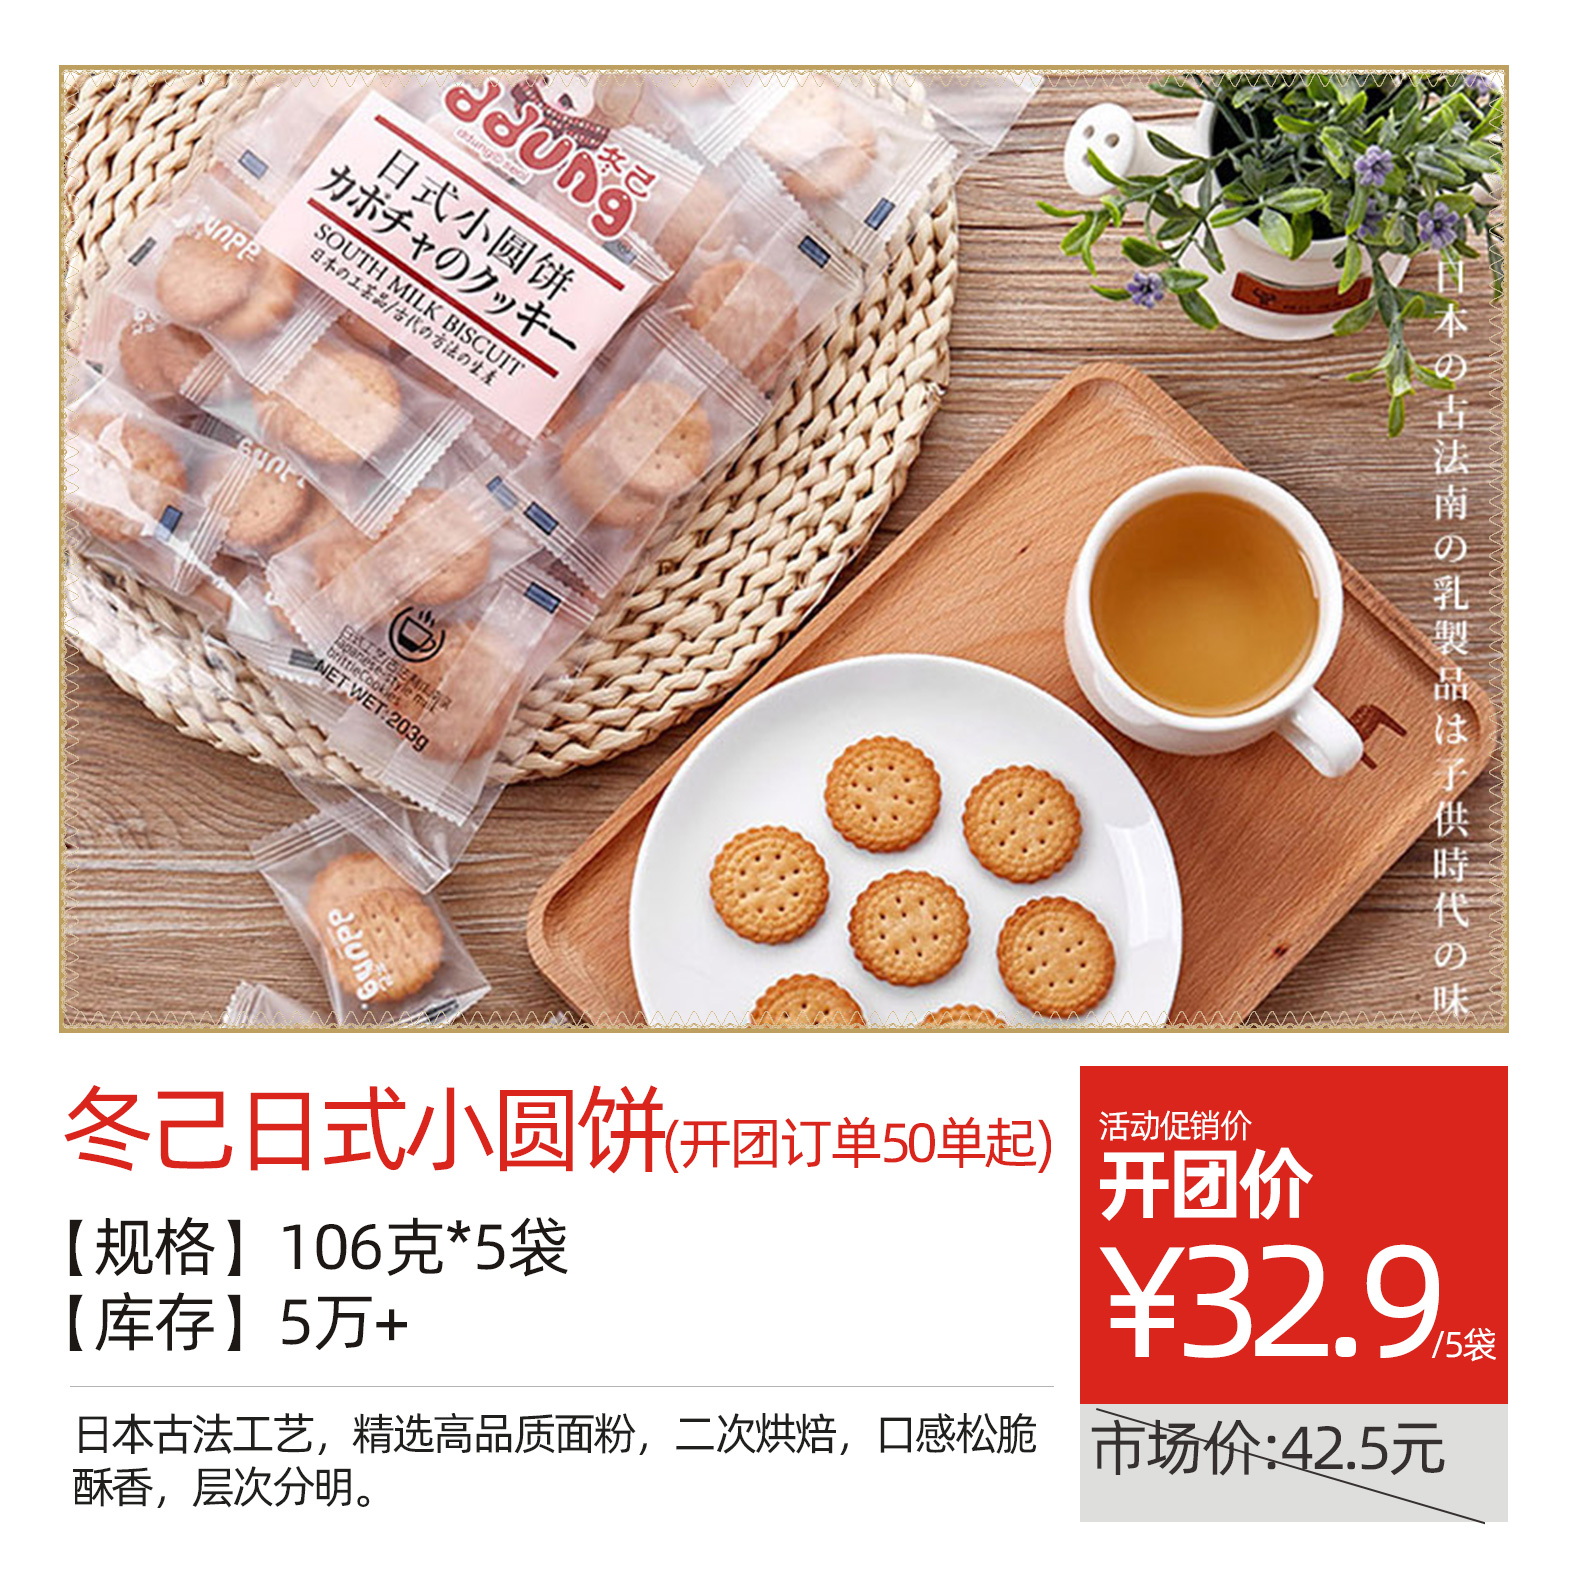 冬己日式小圆饼、开团订单50单起